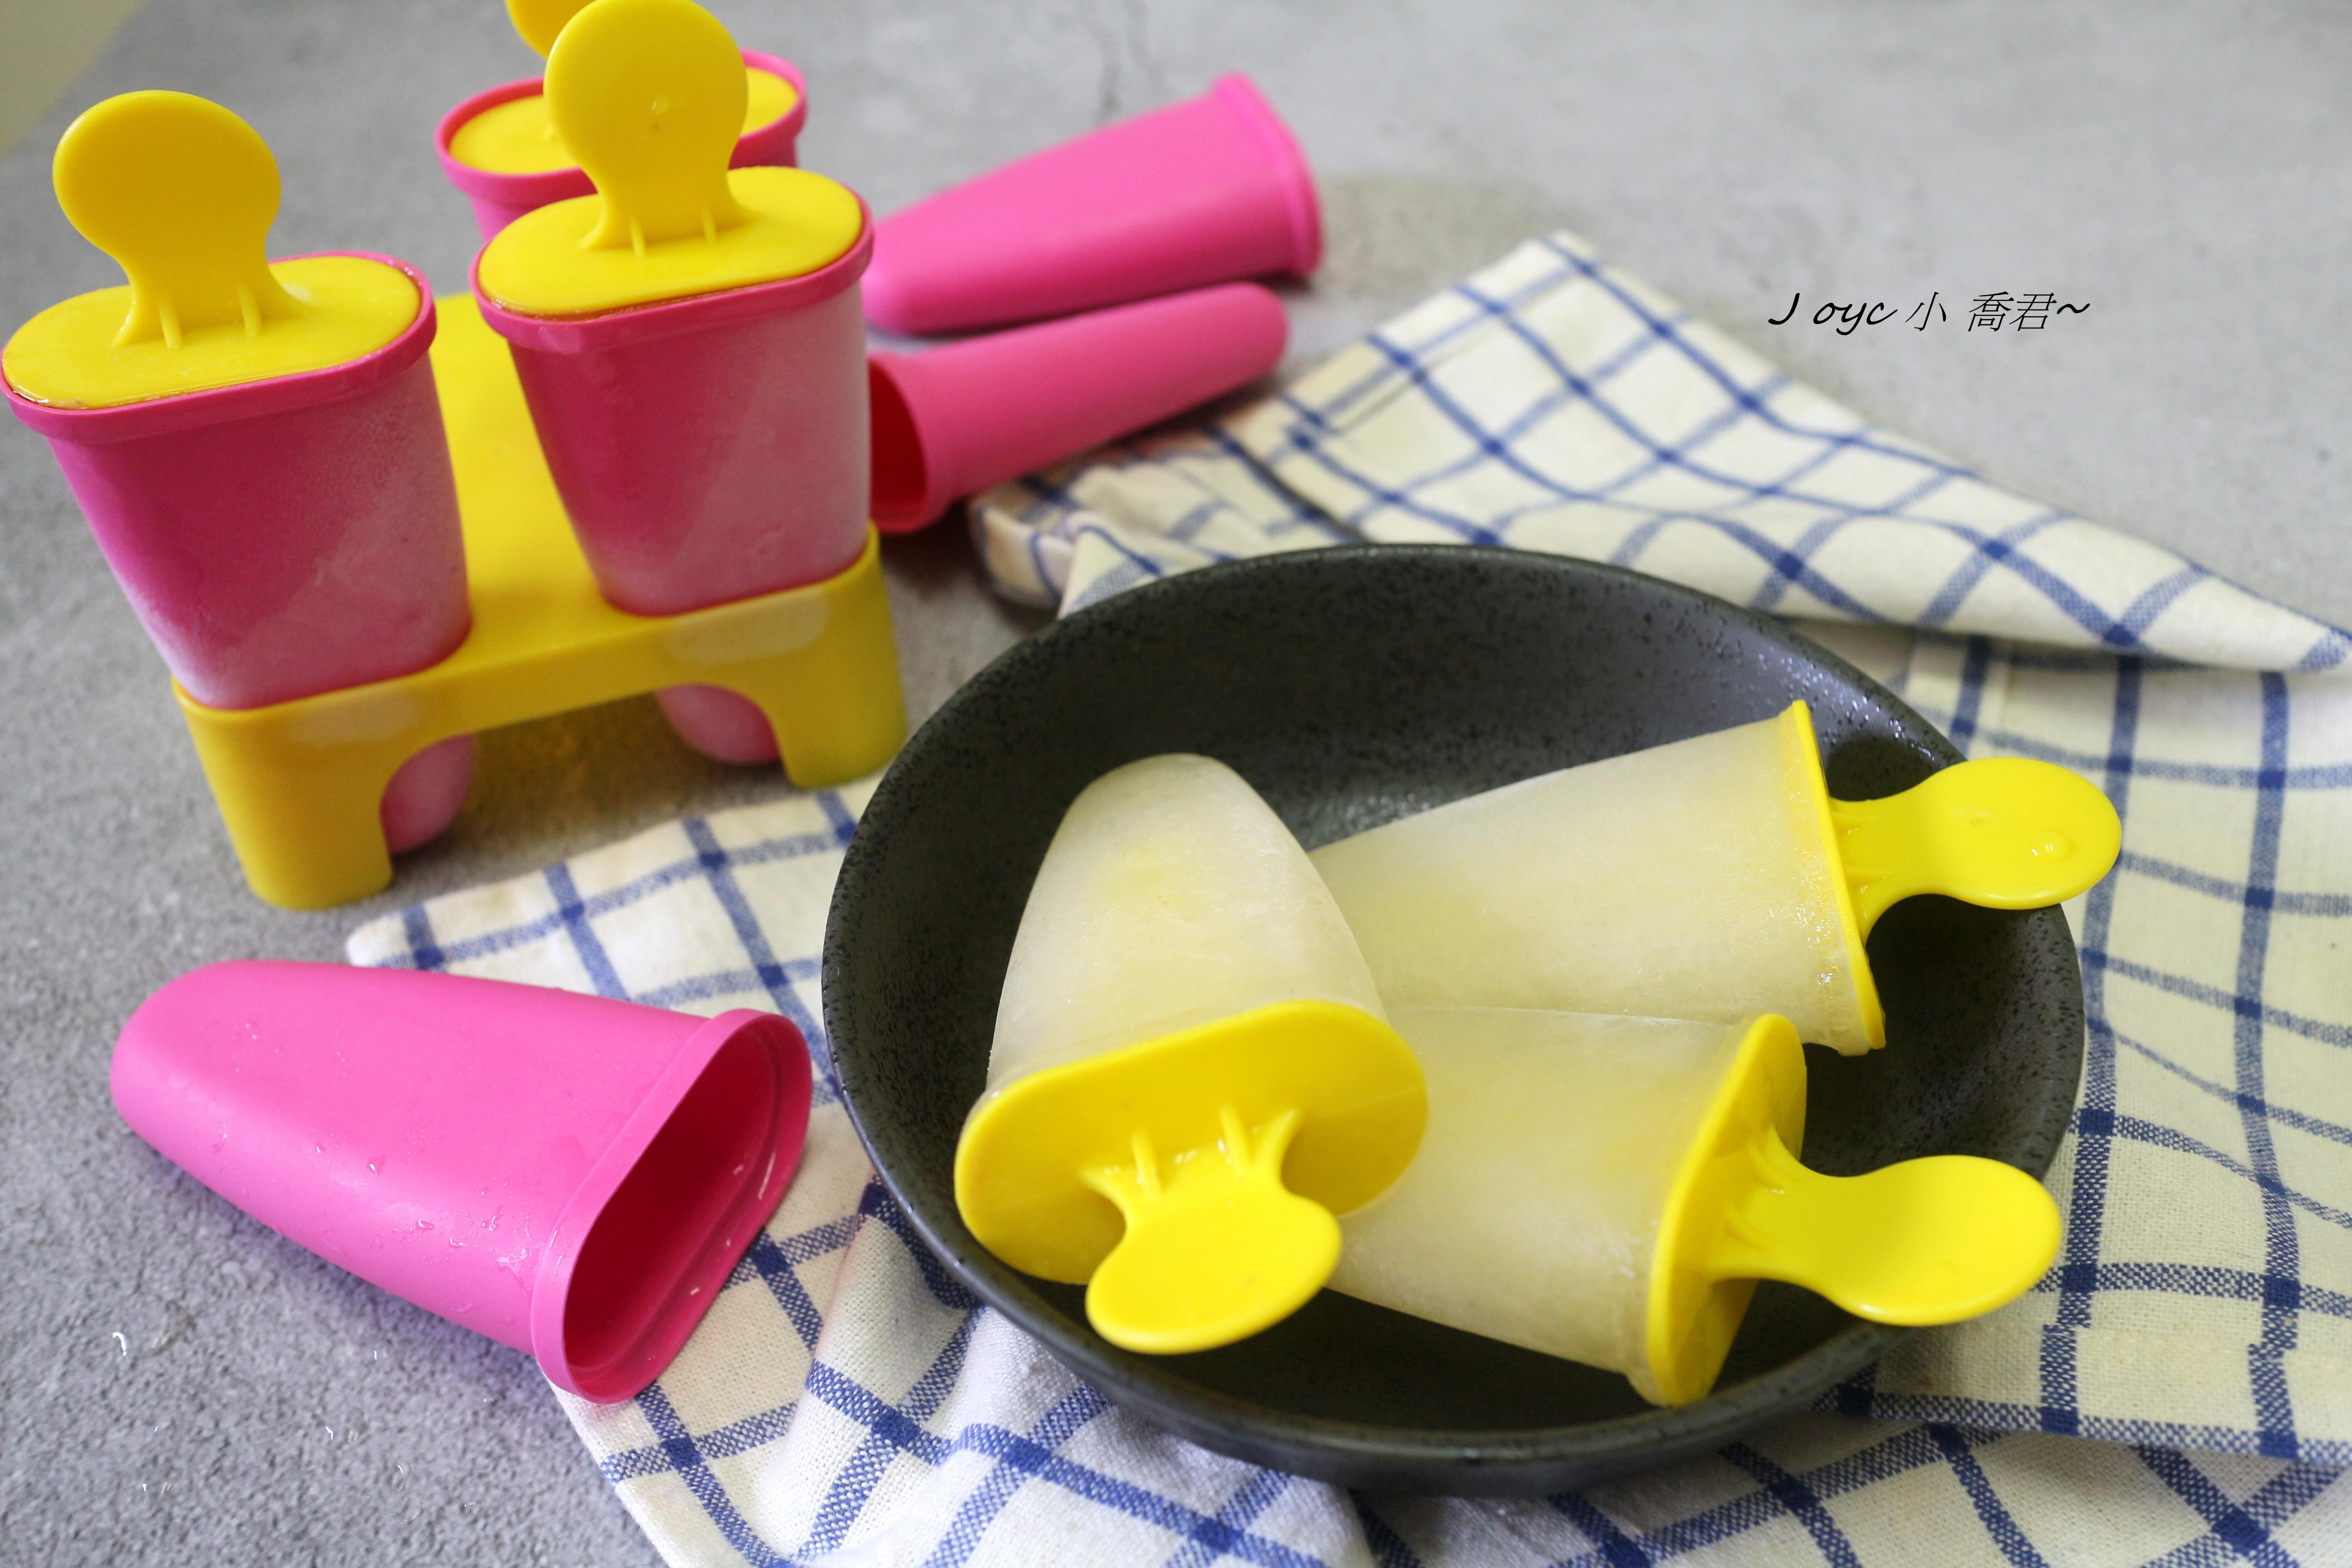 香檬清冰棒